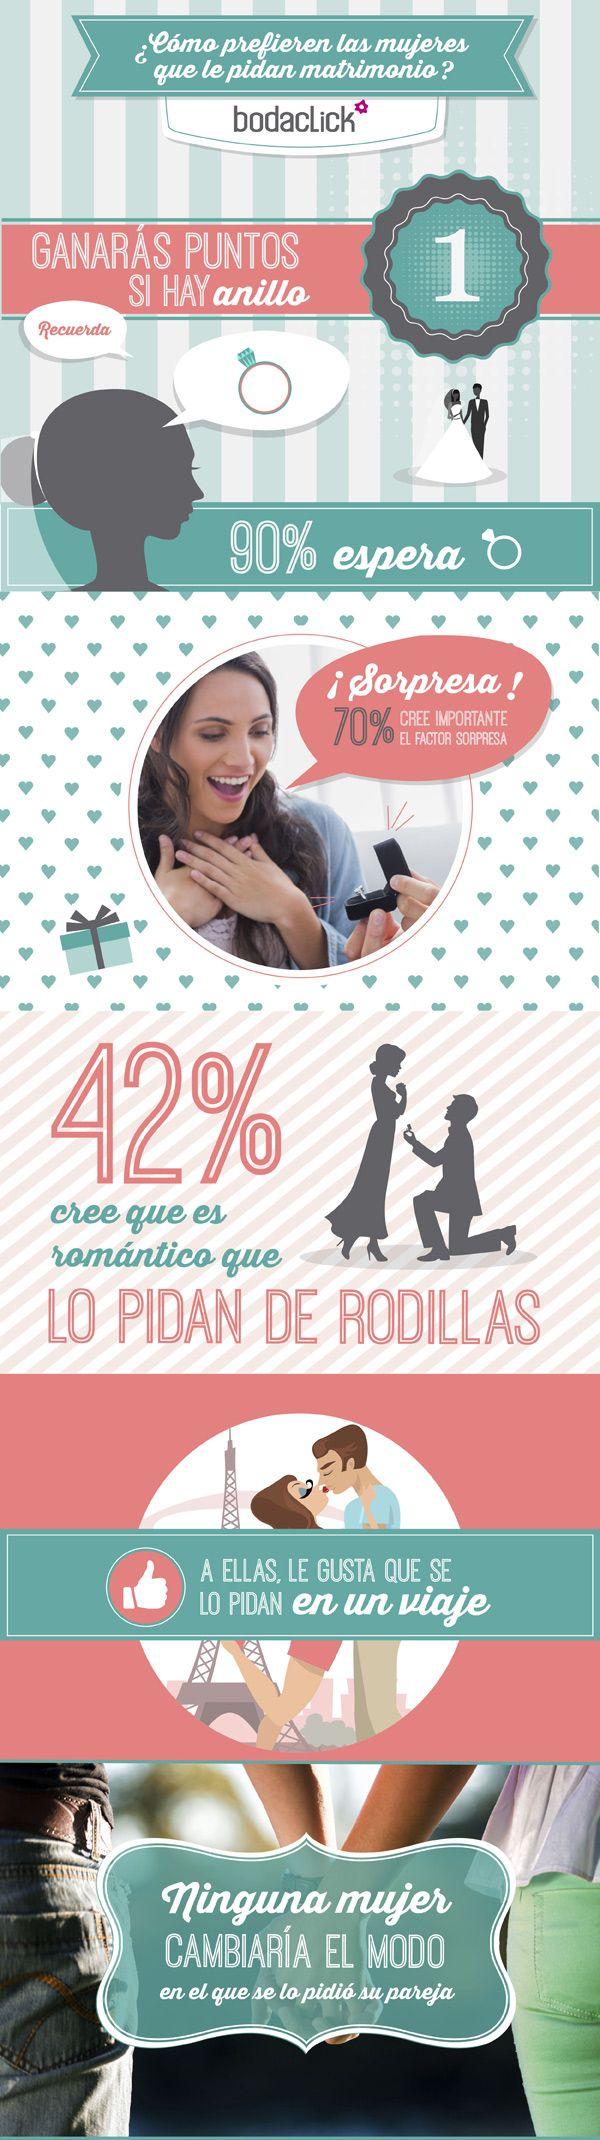 ¿Cómo prefieren las mujeres la pedida de mano?  #boda #pedida #anillo #infografía